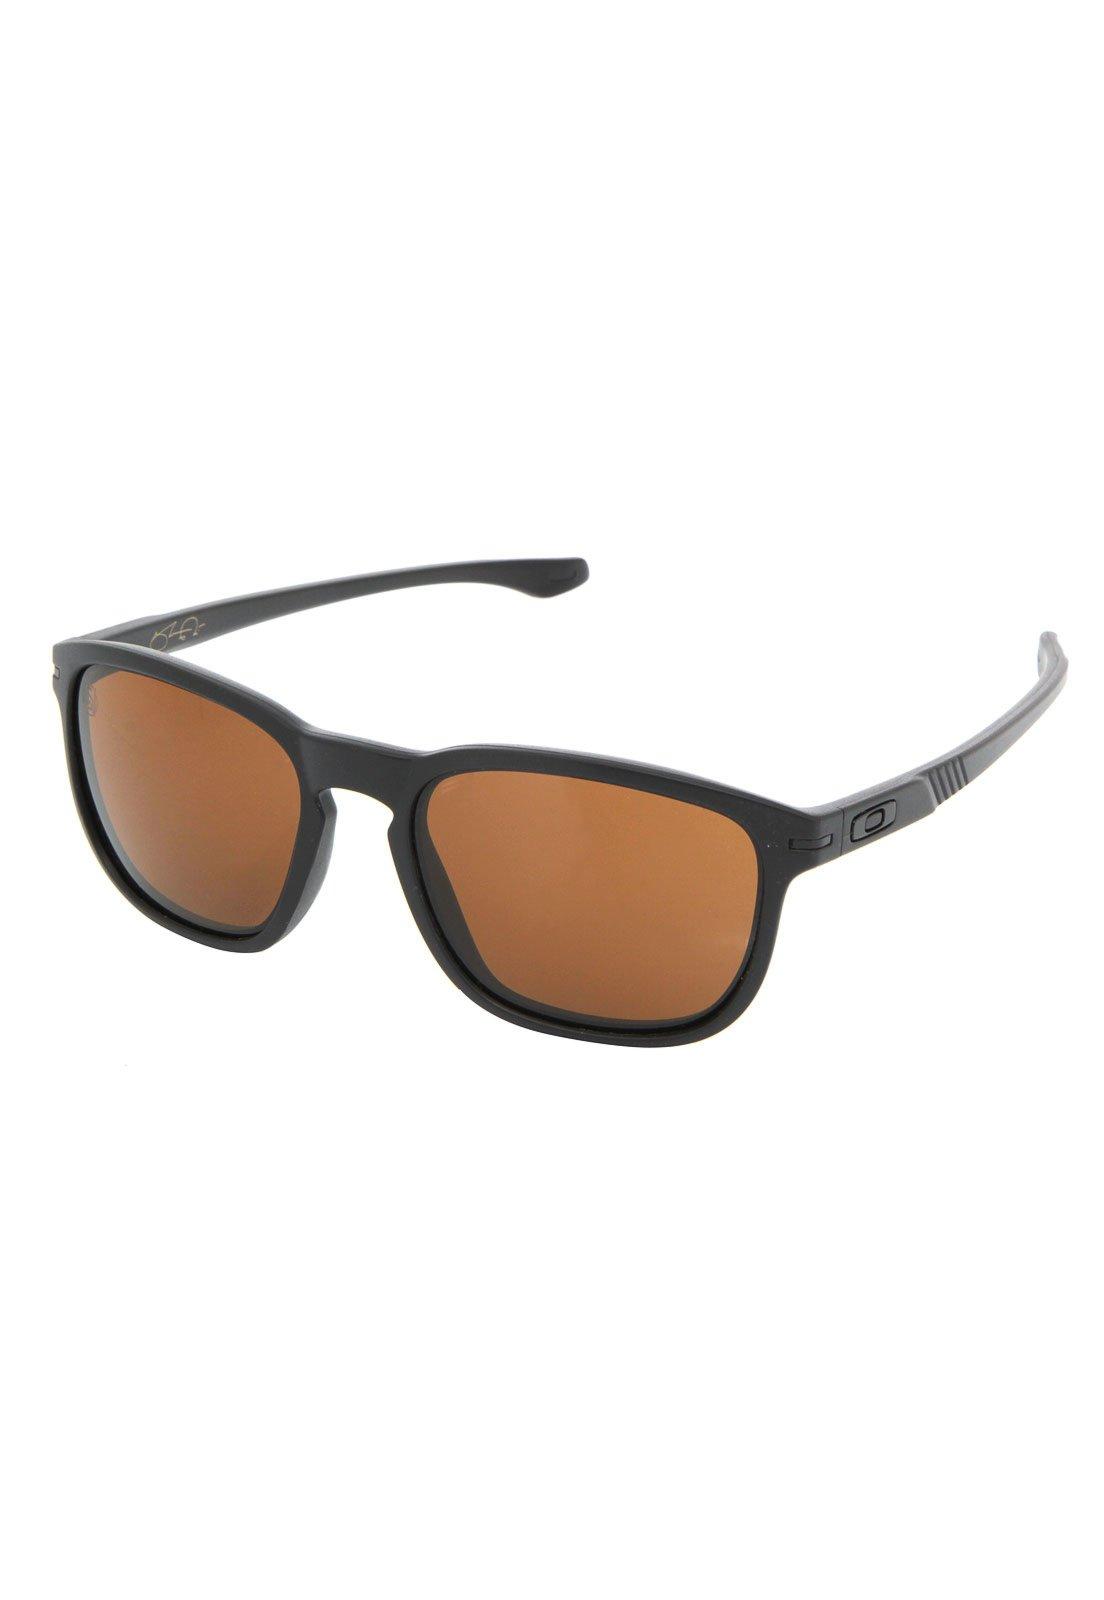 4502ae8f4b695 Óculos de Sol Oakley Enduro Preto - Compre Agora